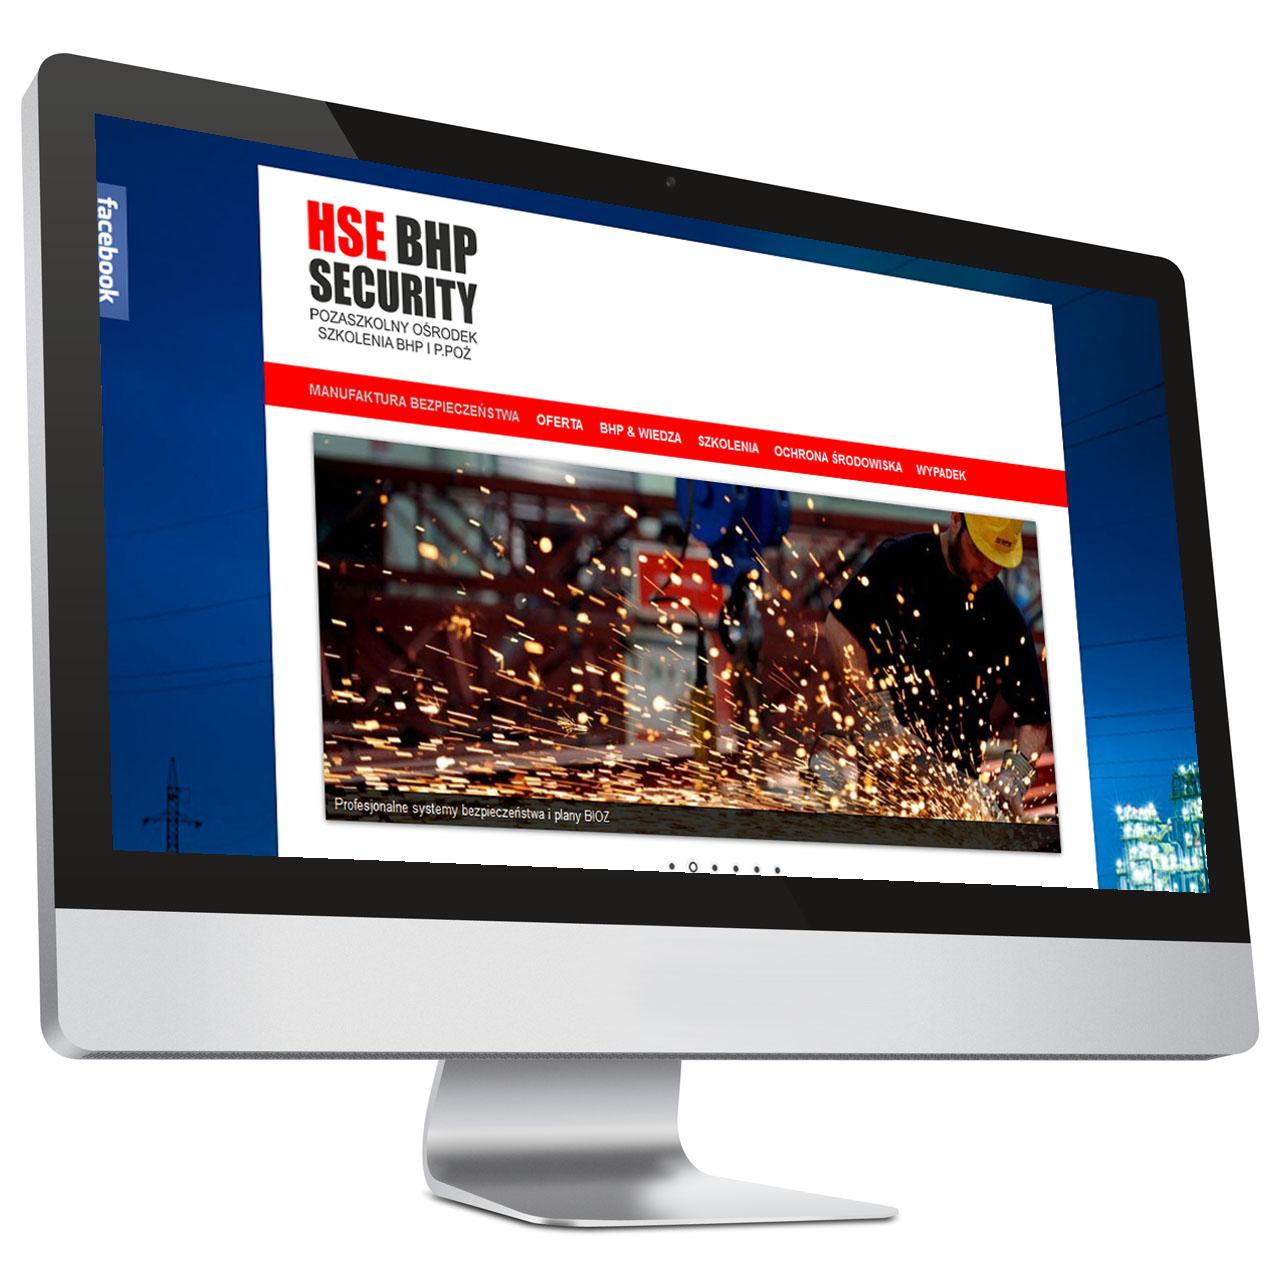 HSE BHP Płock – strona internetowa